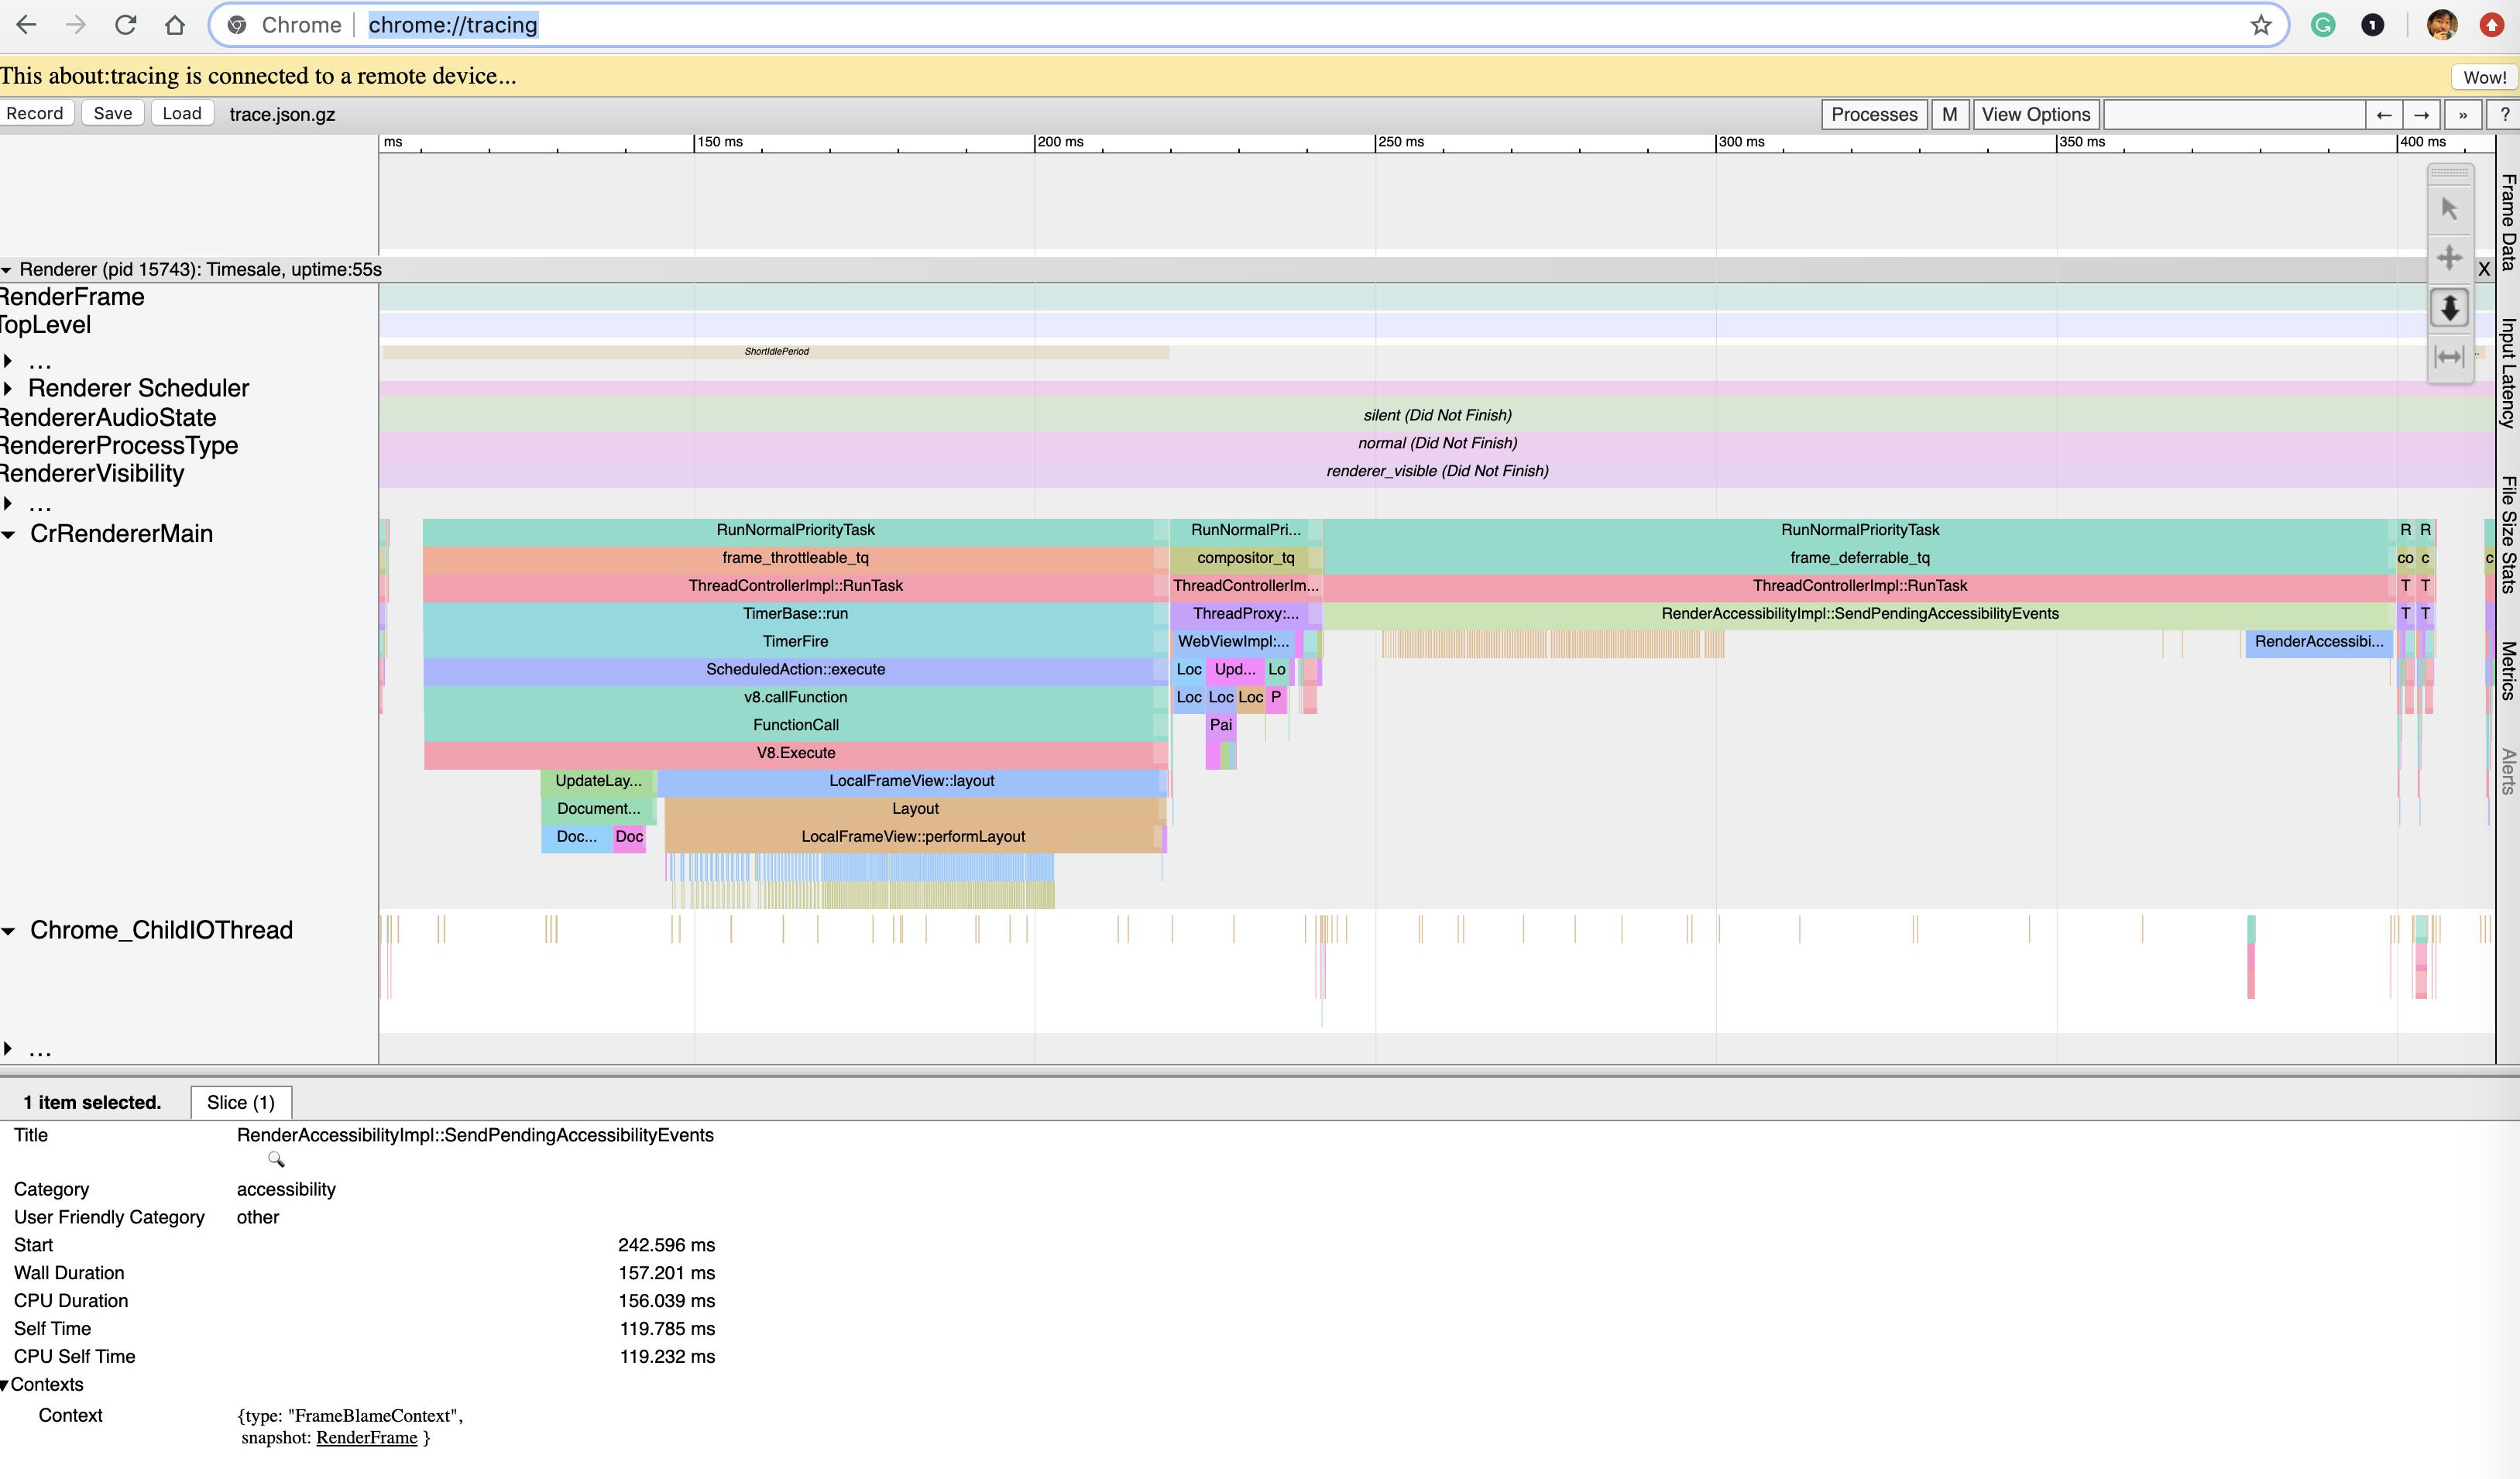 tracing の問題部分のログ画面の拡大